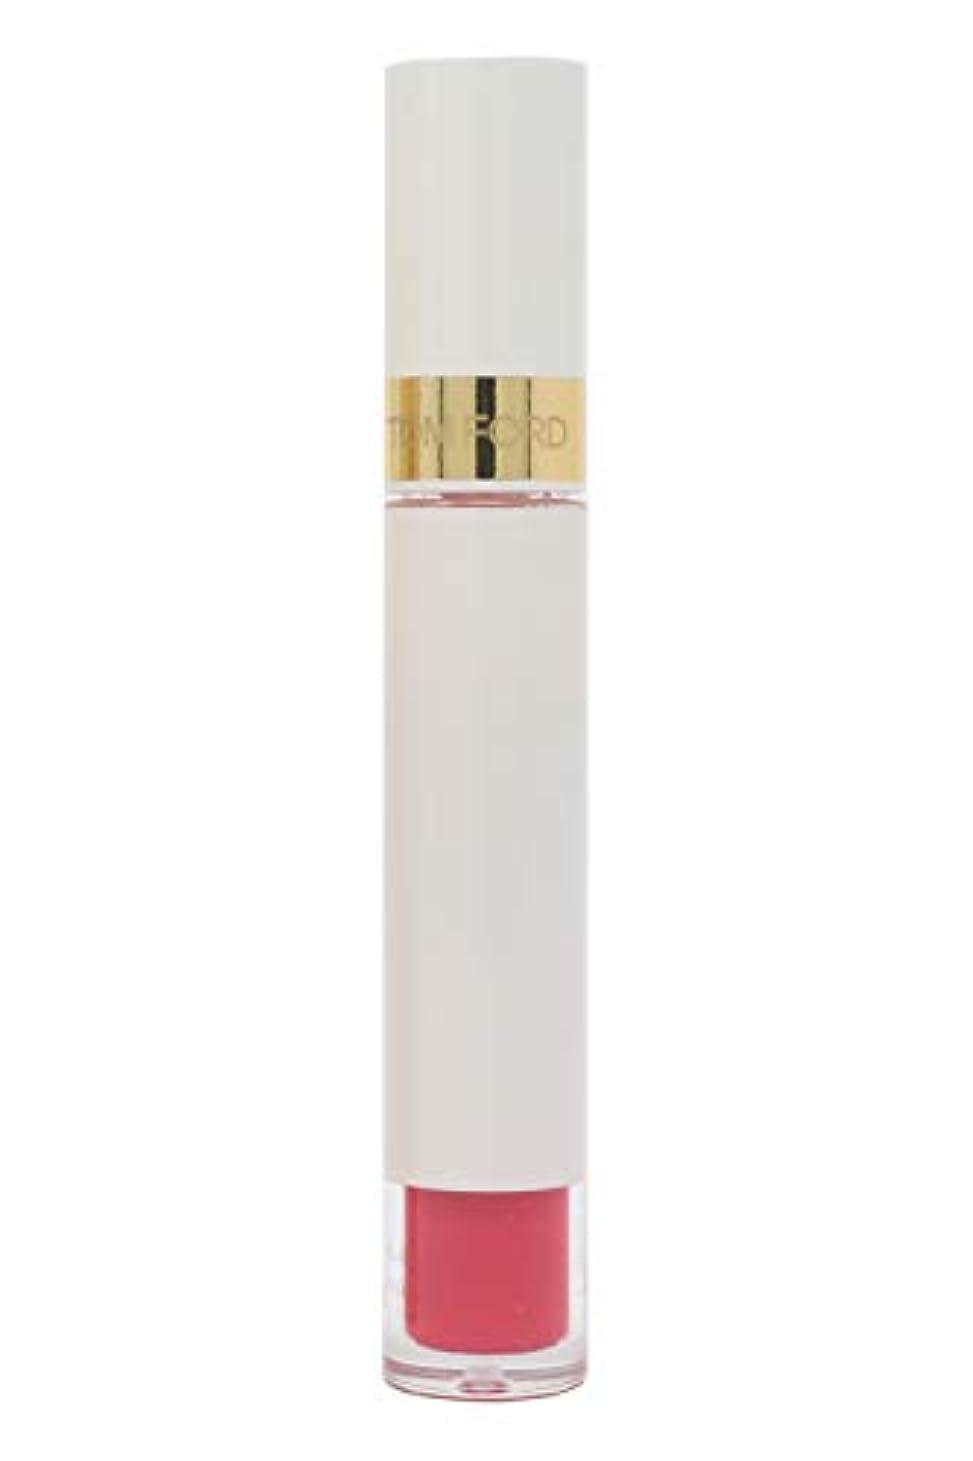 活気づけるドアミラー不透明なトム フォード Lip Lacqure Liquid Tint - # 05 Exhibitionist 2.7ml/0.09oz並行輸入品